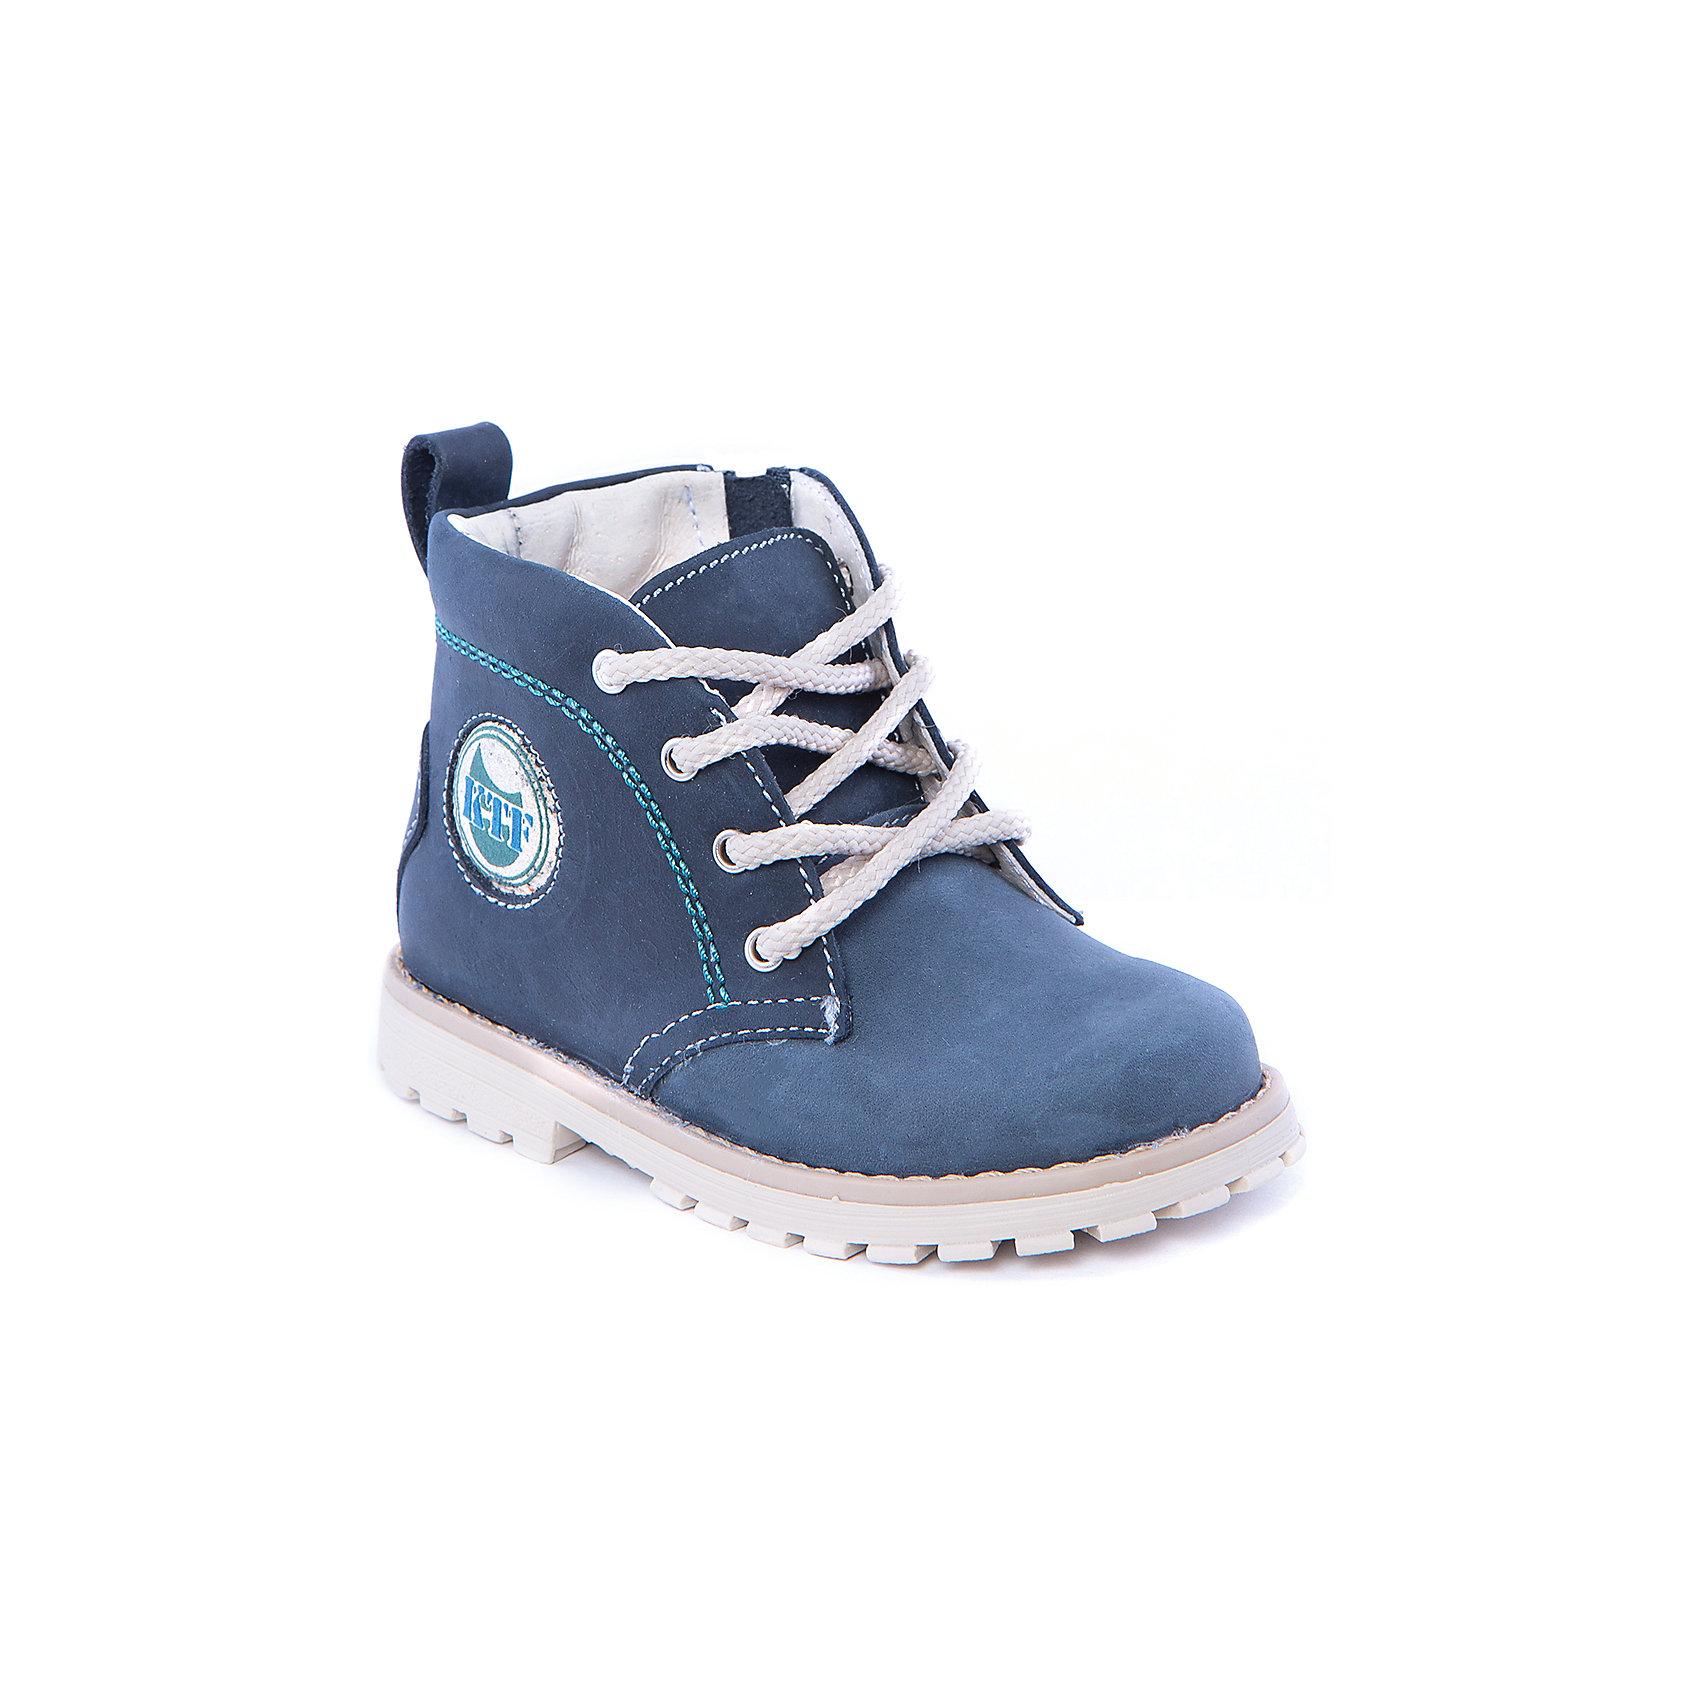 Ботинки для мальчика КотофейБотинки для мальчика от популярной марки Котофей.<br>Стильные синие ботинки для мальчика – это универсальная и практичная обувь. Они легко застегиваются, отлично прошиты. Сделаны из натуральной кожи.<br>Их отличительные особенности:<br>- модный дизайн;<br>- цвет синий;<br>- комфортная колодка;<br>- устойчивая подошва;<br>- удобные застежки - молния и шнуровка;<br>- материал – натуральная кожа.<br>Дополнительная информация:<br>- Температурный режим: от -5° С  до + 15° С.<br>- Состав:<br>материал верха: натуральная кожа<br>материал подкладки: натуральная кожа<br>подошва: ТЭП.<br>Ботинки для мальчика Котофей можно купить в нашем магазине.<br><br>Ширина мм: 262<br>Глубина мм: 176<br>Высота мм: 97<br>Вес г: 427<br>Цвет: синий<br>Возраст от месяцев: 24<br>Возраст до месяцев: 24<br>Пол: Мужской<br>Возраст: Детский<br>Размер: 26,24,29,25,28,27<br>SKU: 4206764